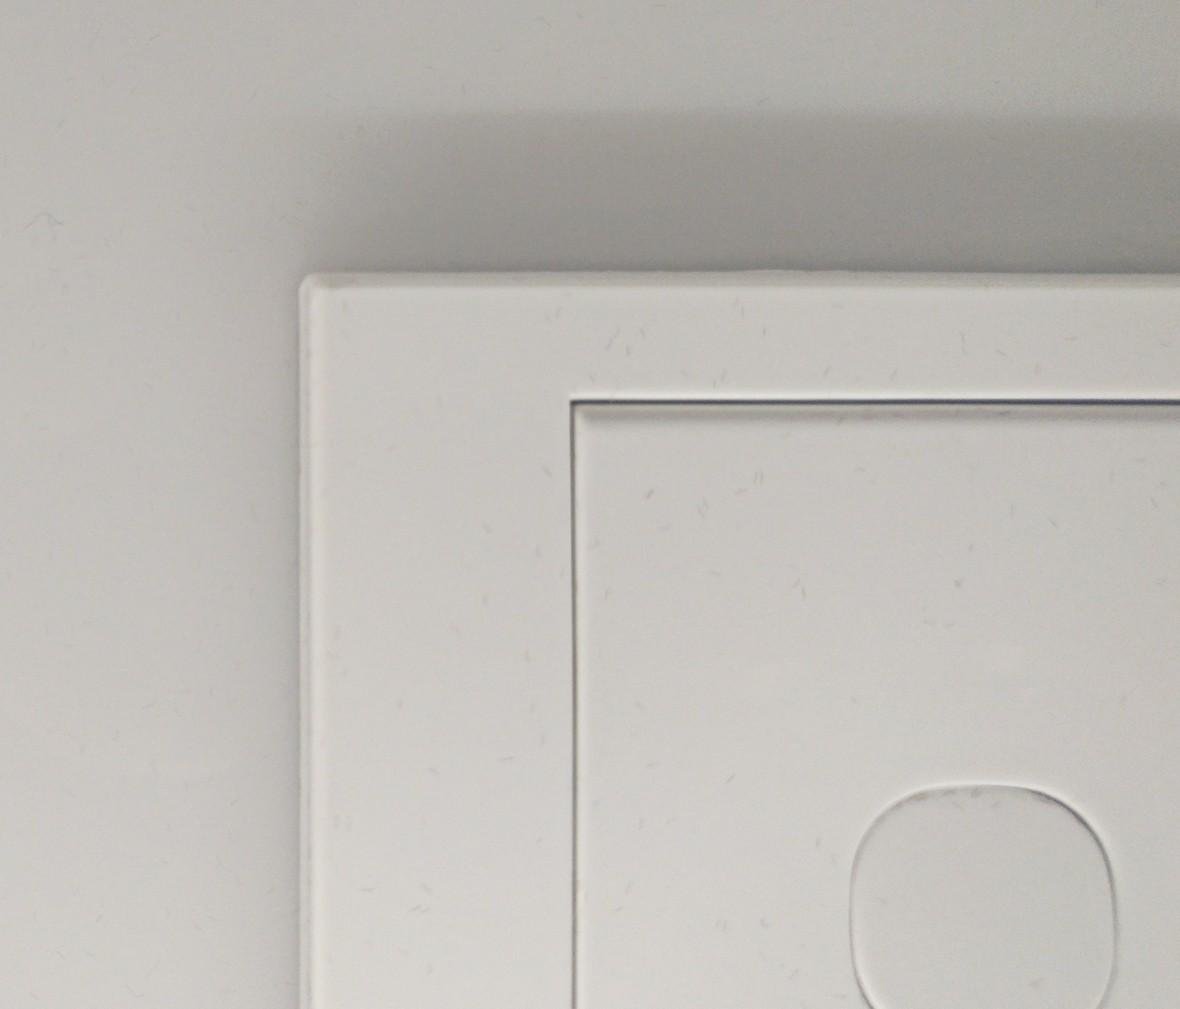 施耐德 如意系列 白板开关 PC材质 耐高温 防漏电 安全开关